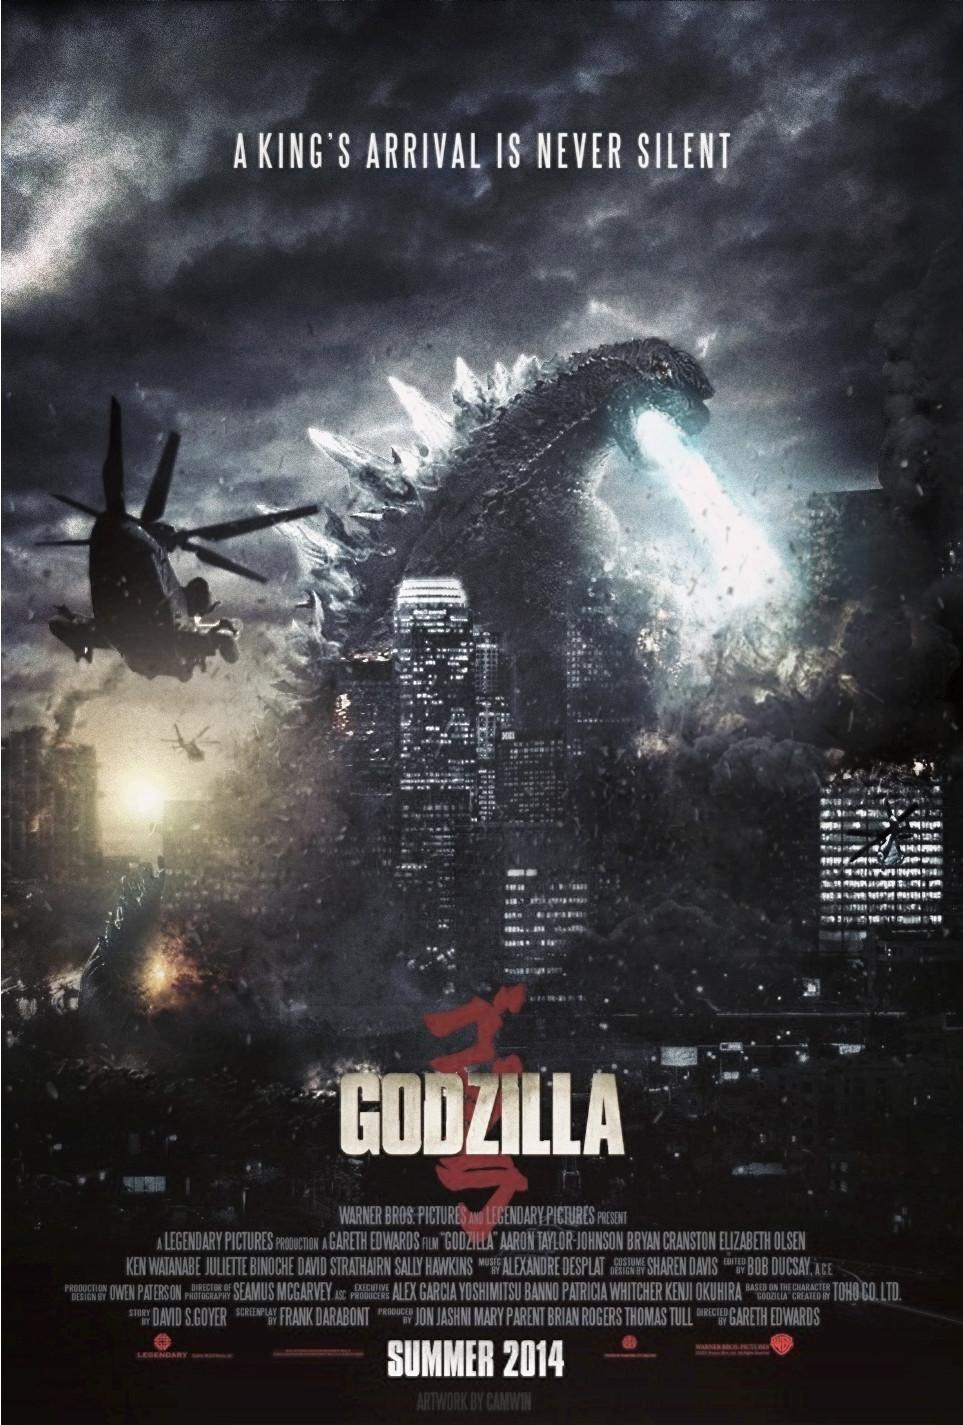 映画「Godzilla ゴジラ」あるいは、伊福部昭とスピルバーグへのオマージュ。: エンターテイメント日誌